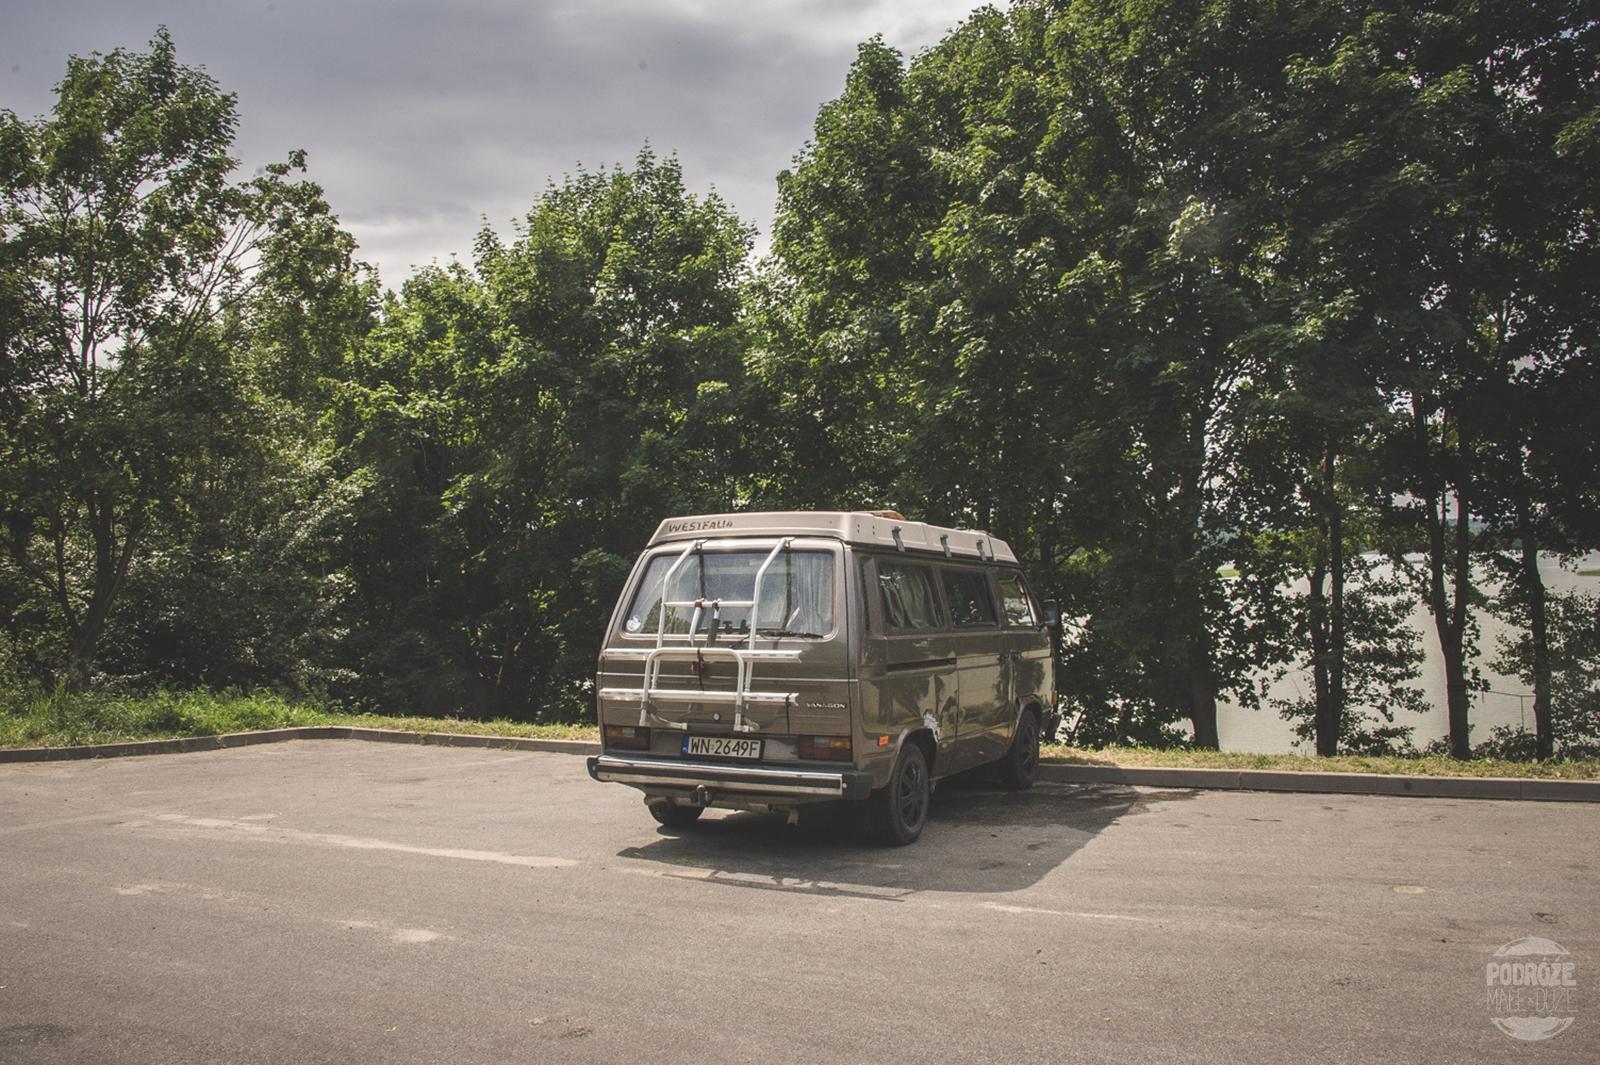 Warmia i Mazury road trip vanlife vwt3